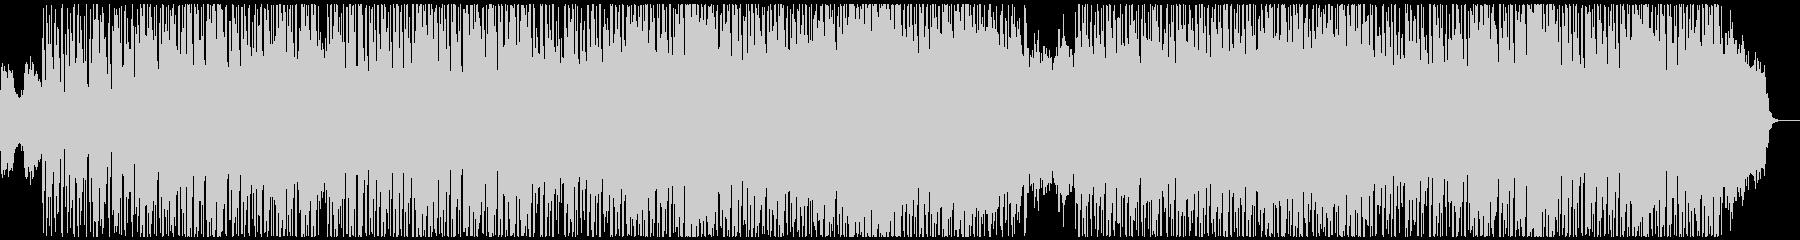 秘めた決意が漂うDnB風味のテクノの未再生の波形